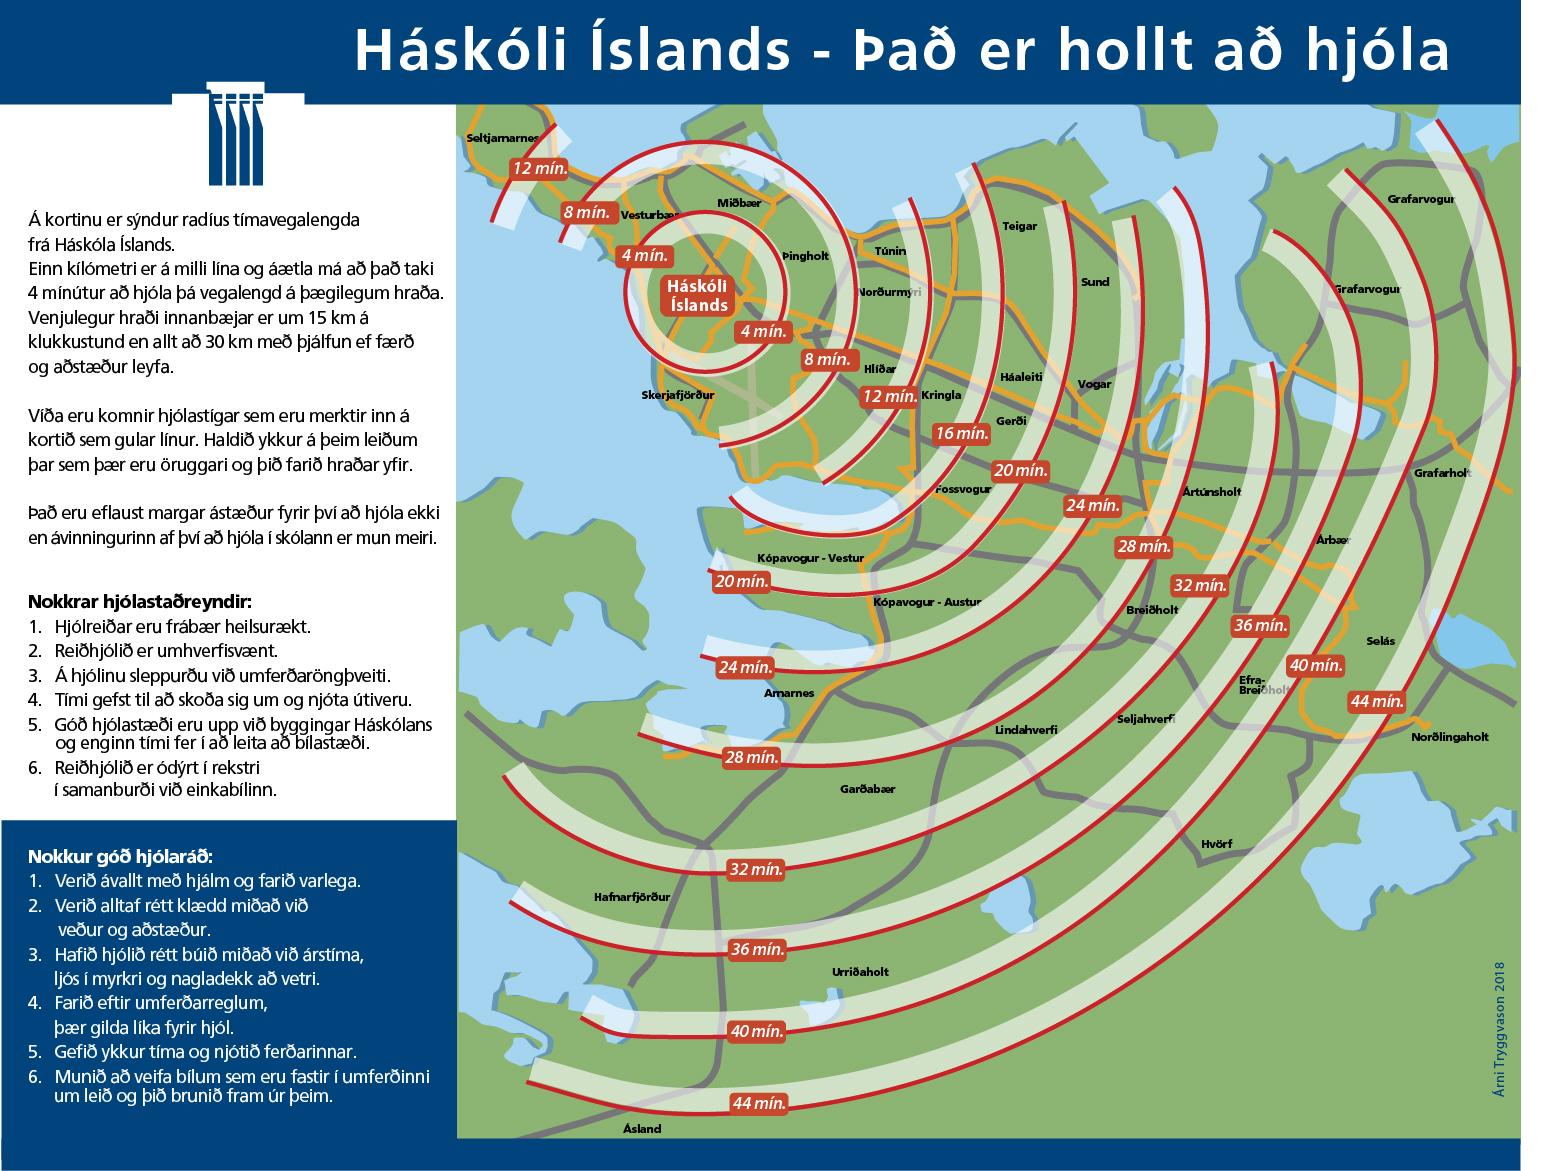 Kort sem sýnir hversu lengi er verið að hjóla á háskólasvæðið frá ólíkum borgarhlutum.